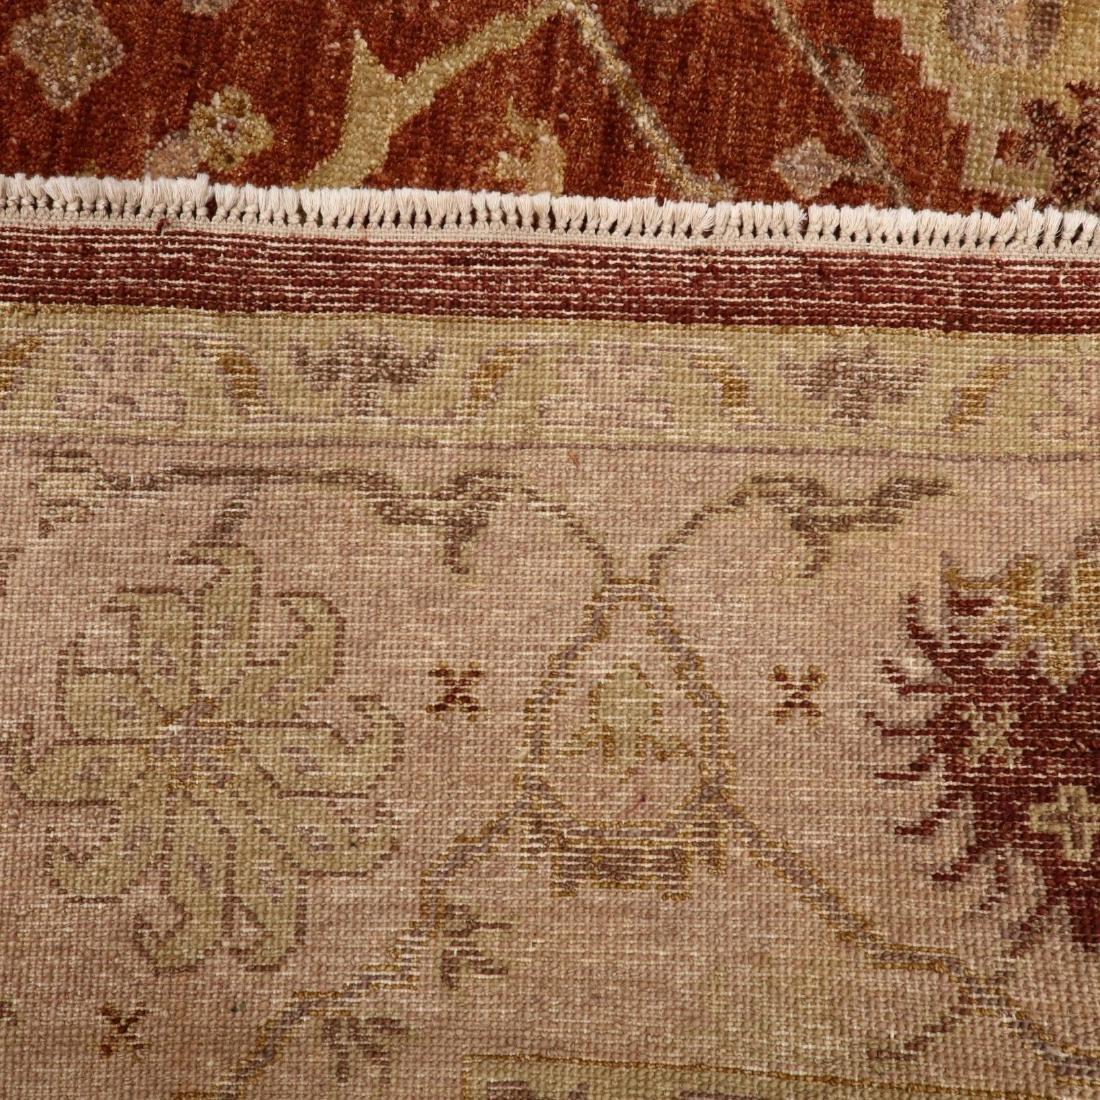 Pak - Persian Carpet - 3